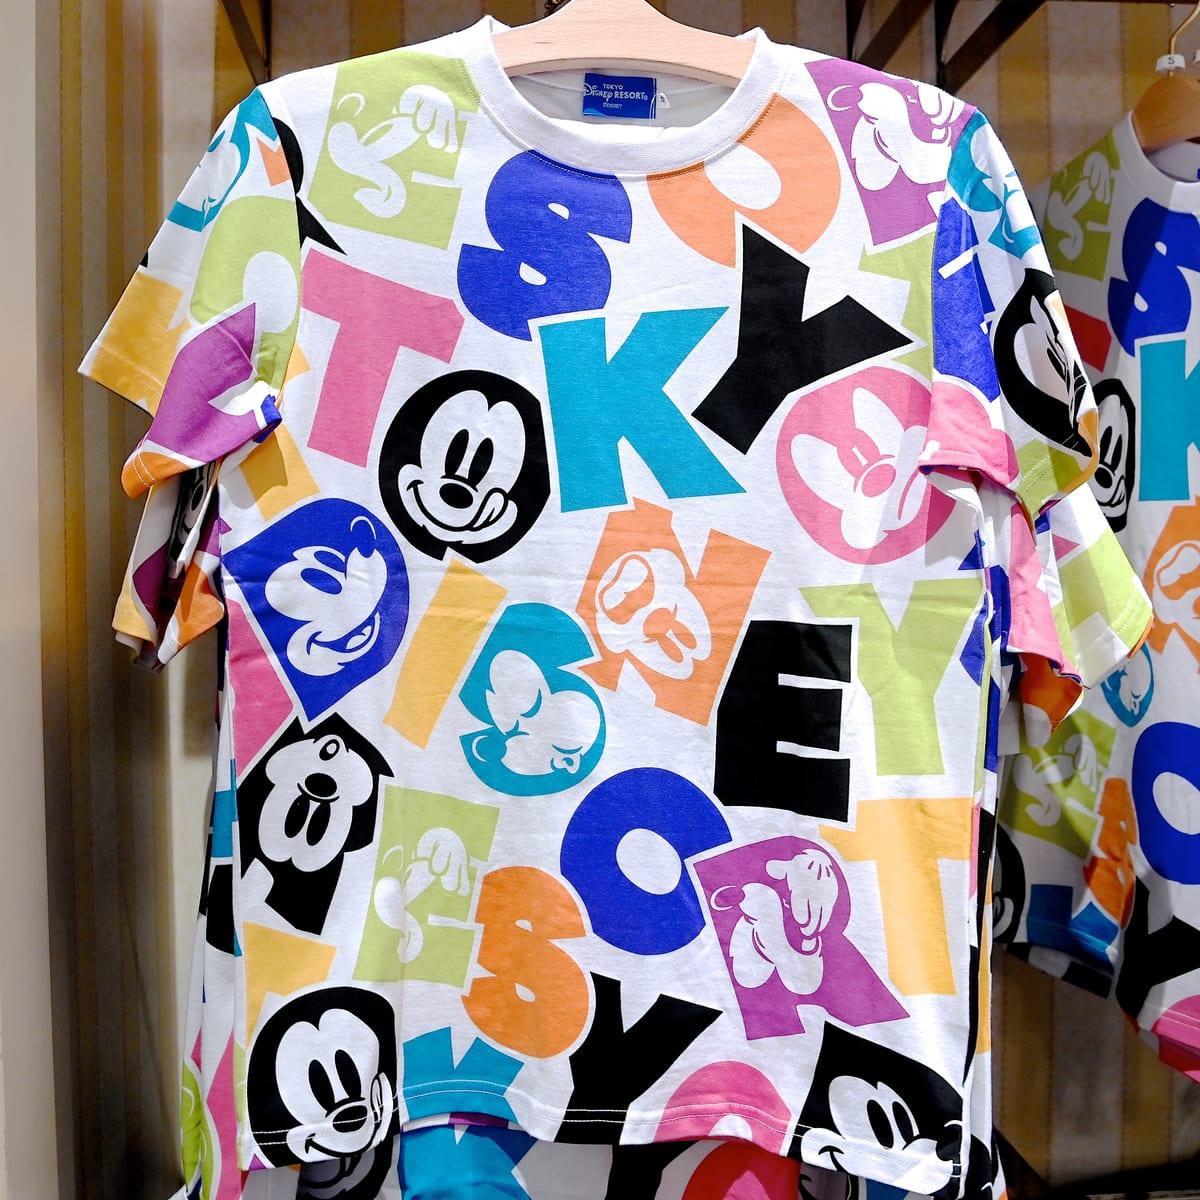 東京ディズニーランド「ミッキー&フレンズ」Tシャツ・お土産